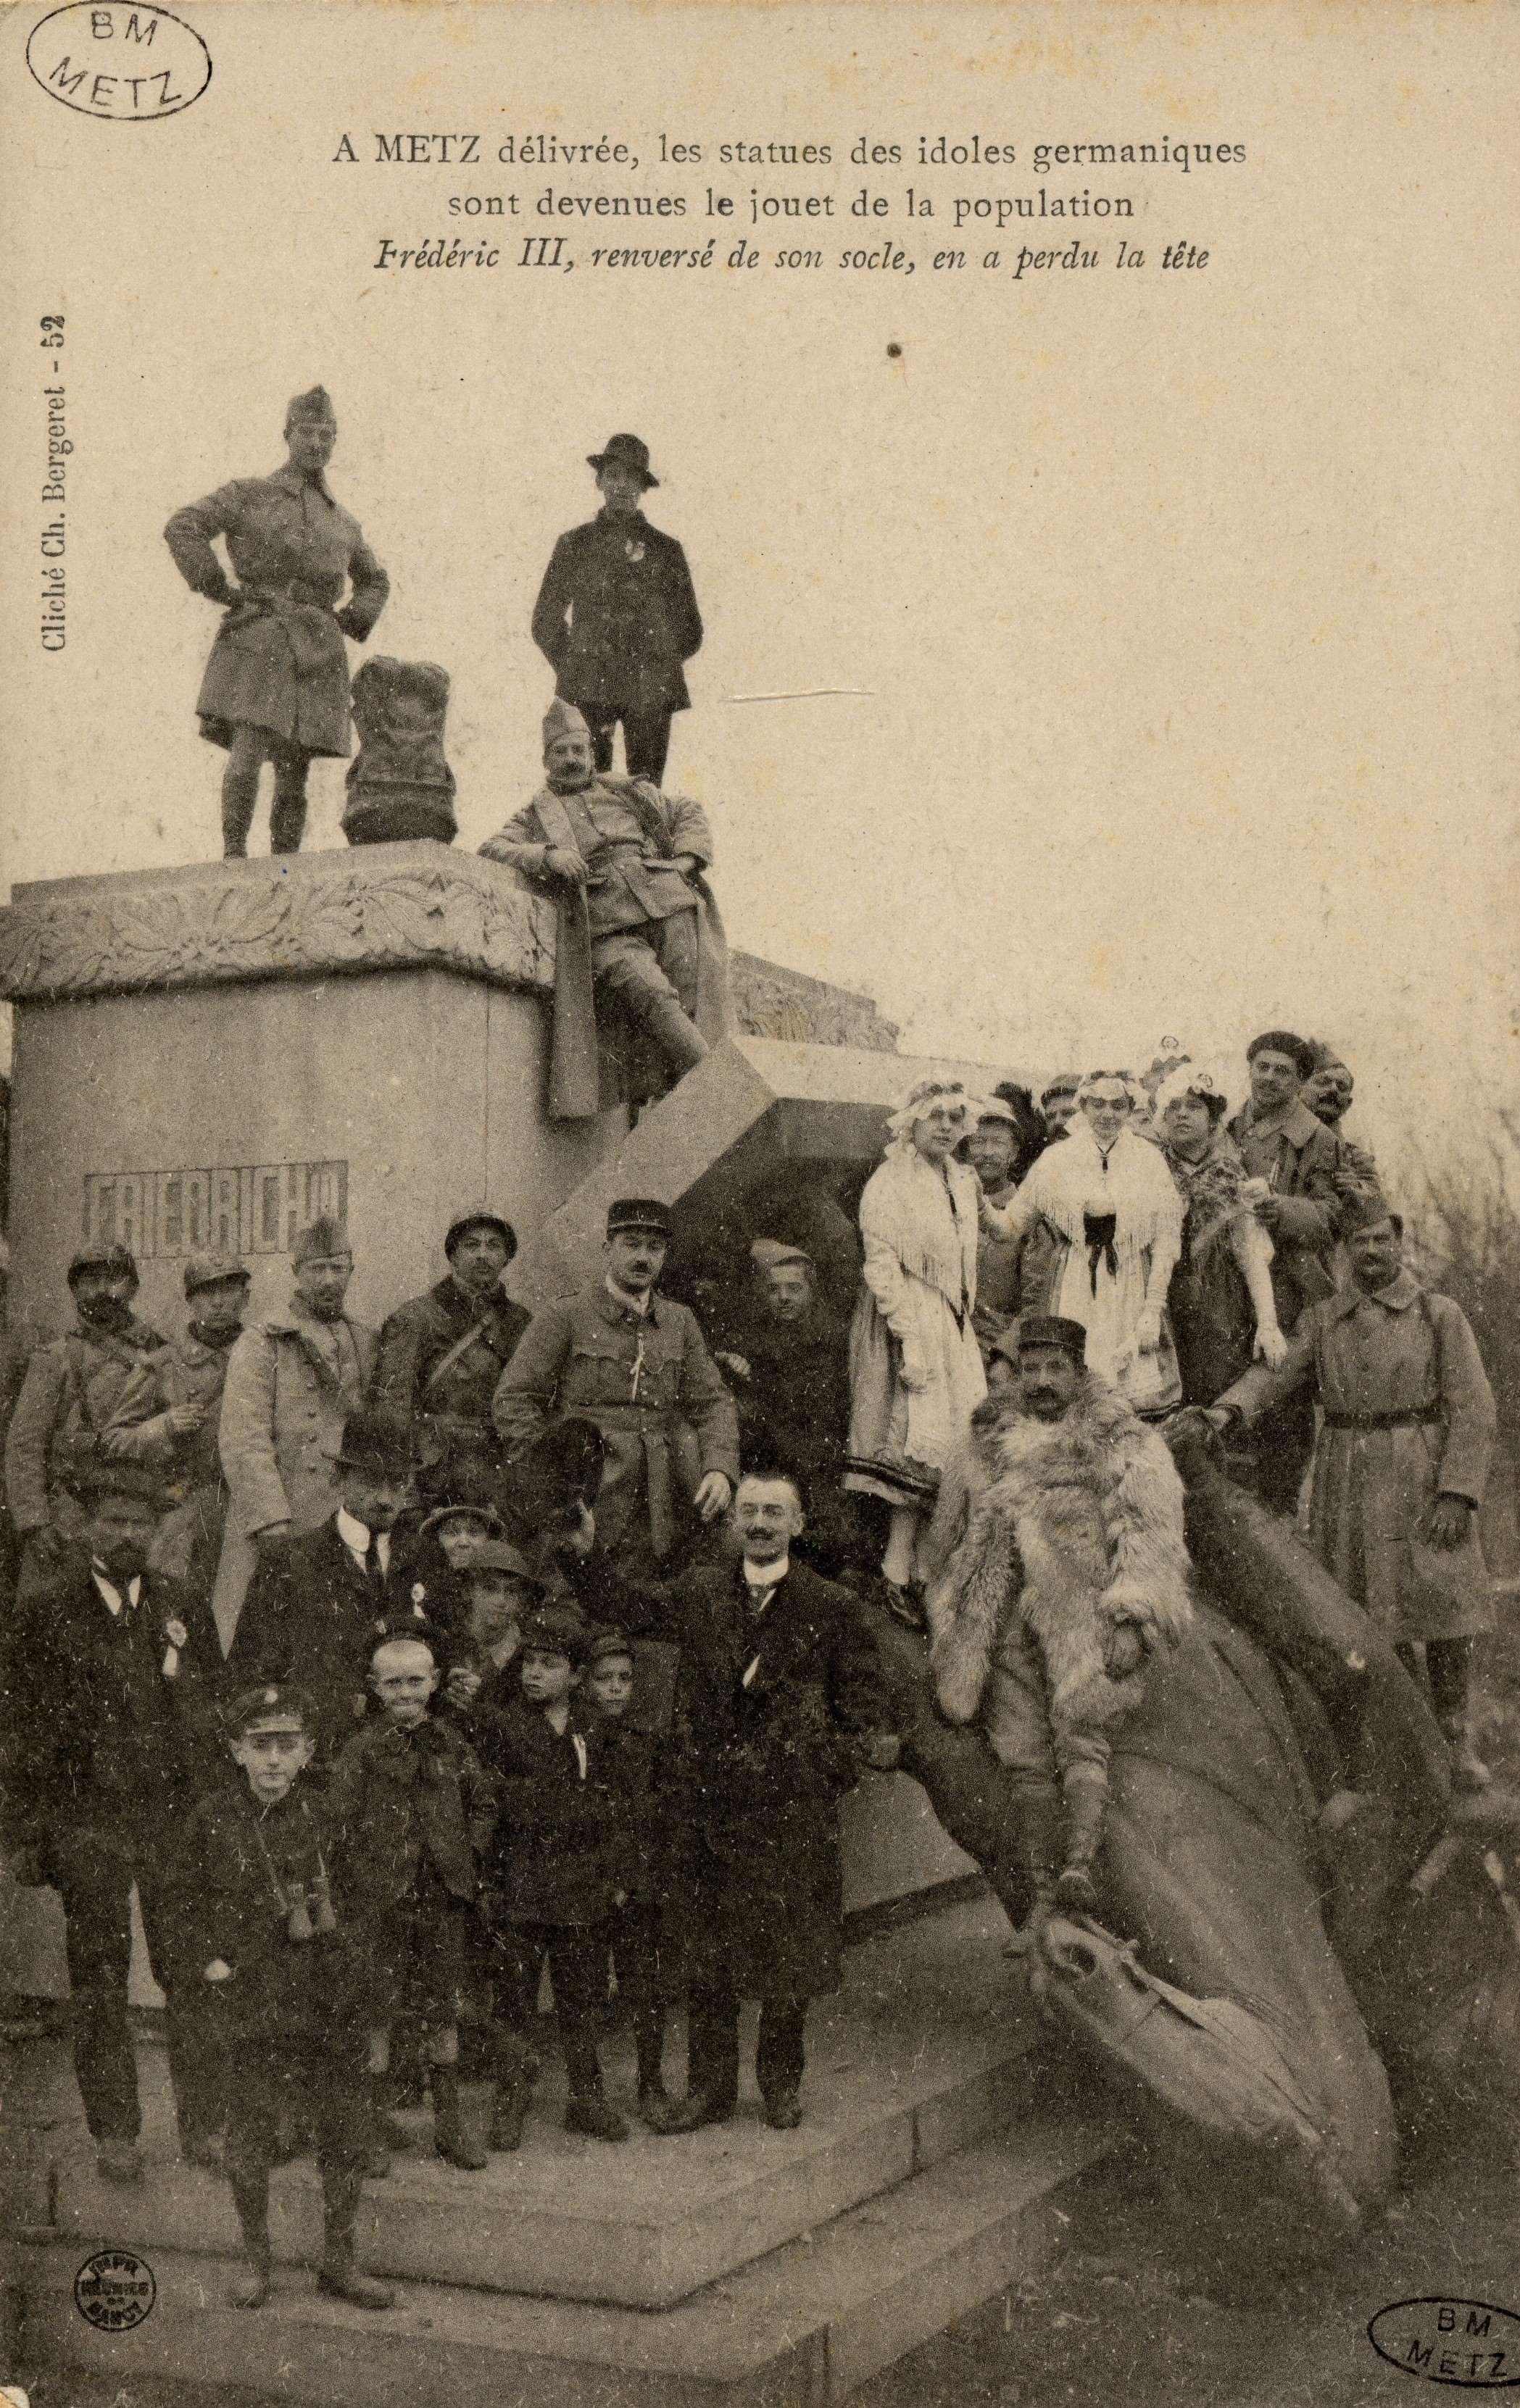 Contenu du A Metz délivrée, les statues des idoles germaniques sont devenues le jouet de la population . Frédéric III, renversé de son socle, en a perdu la tête